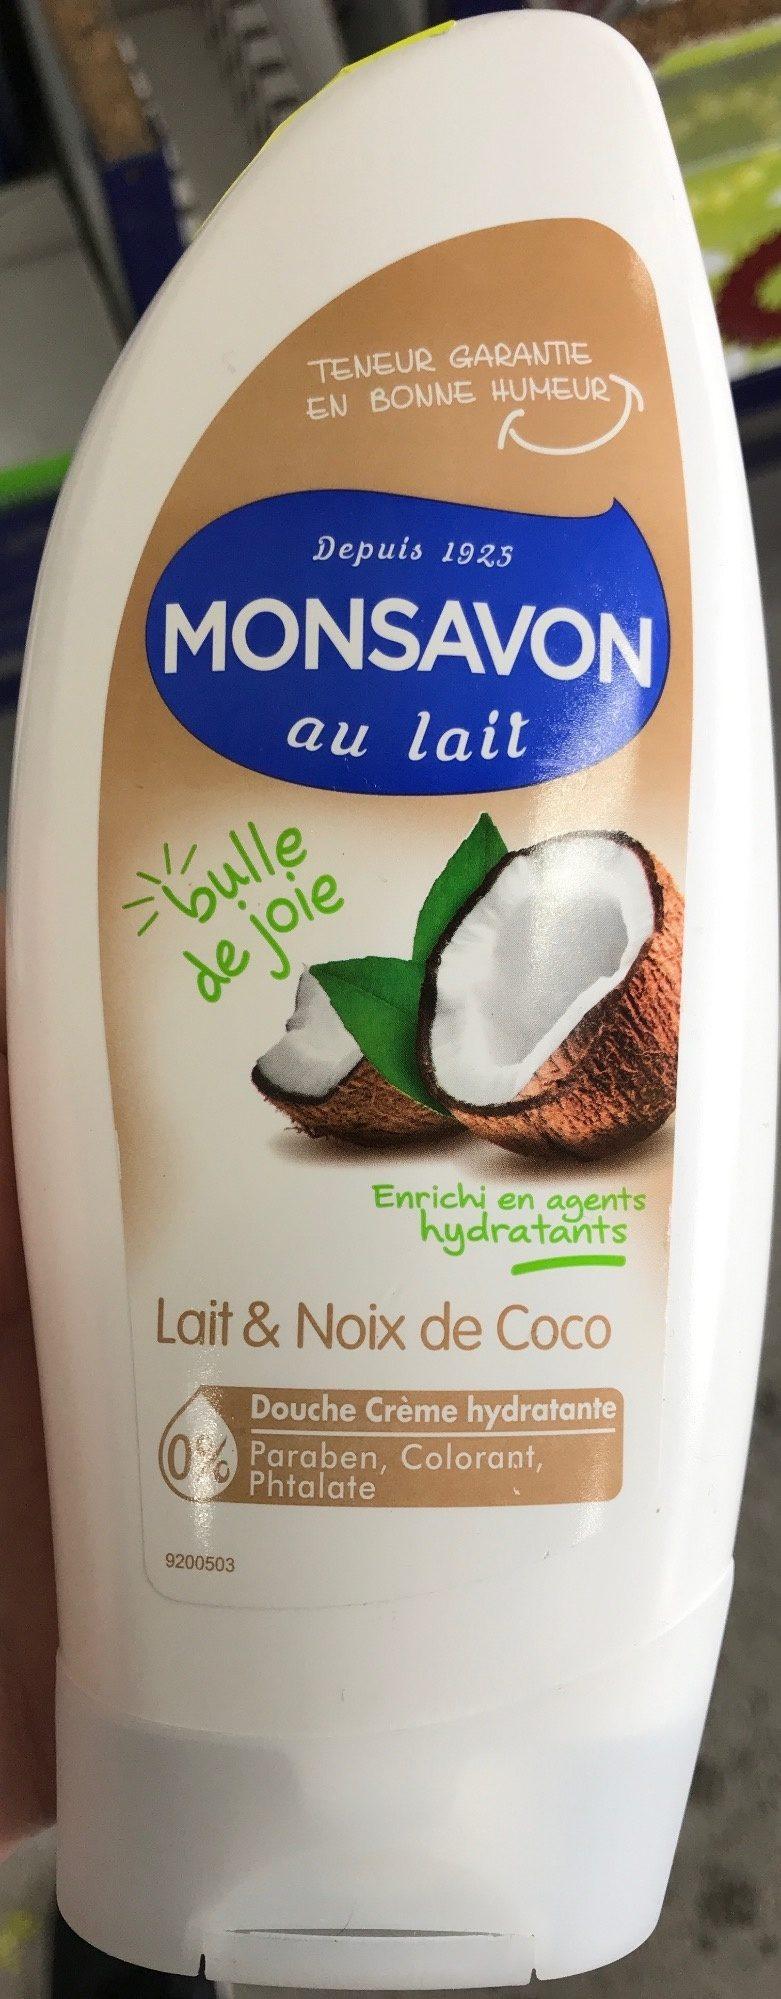 Douche crème hydratante Lait & Noix de Coco - Product - fr